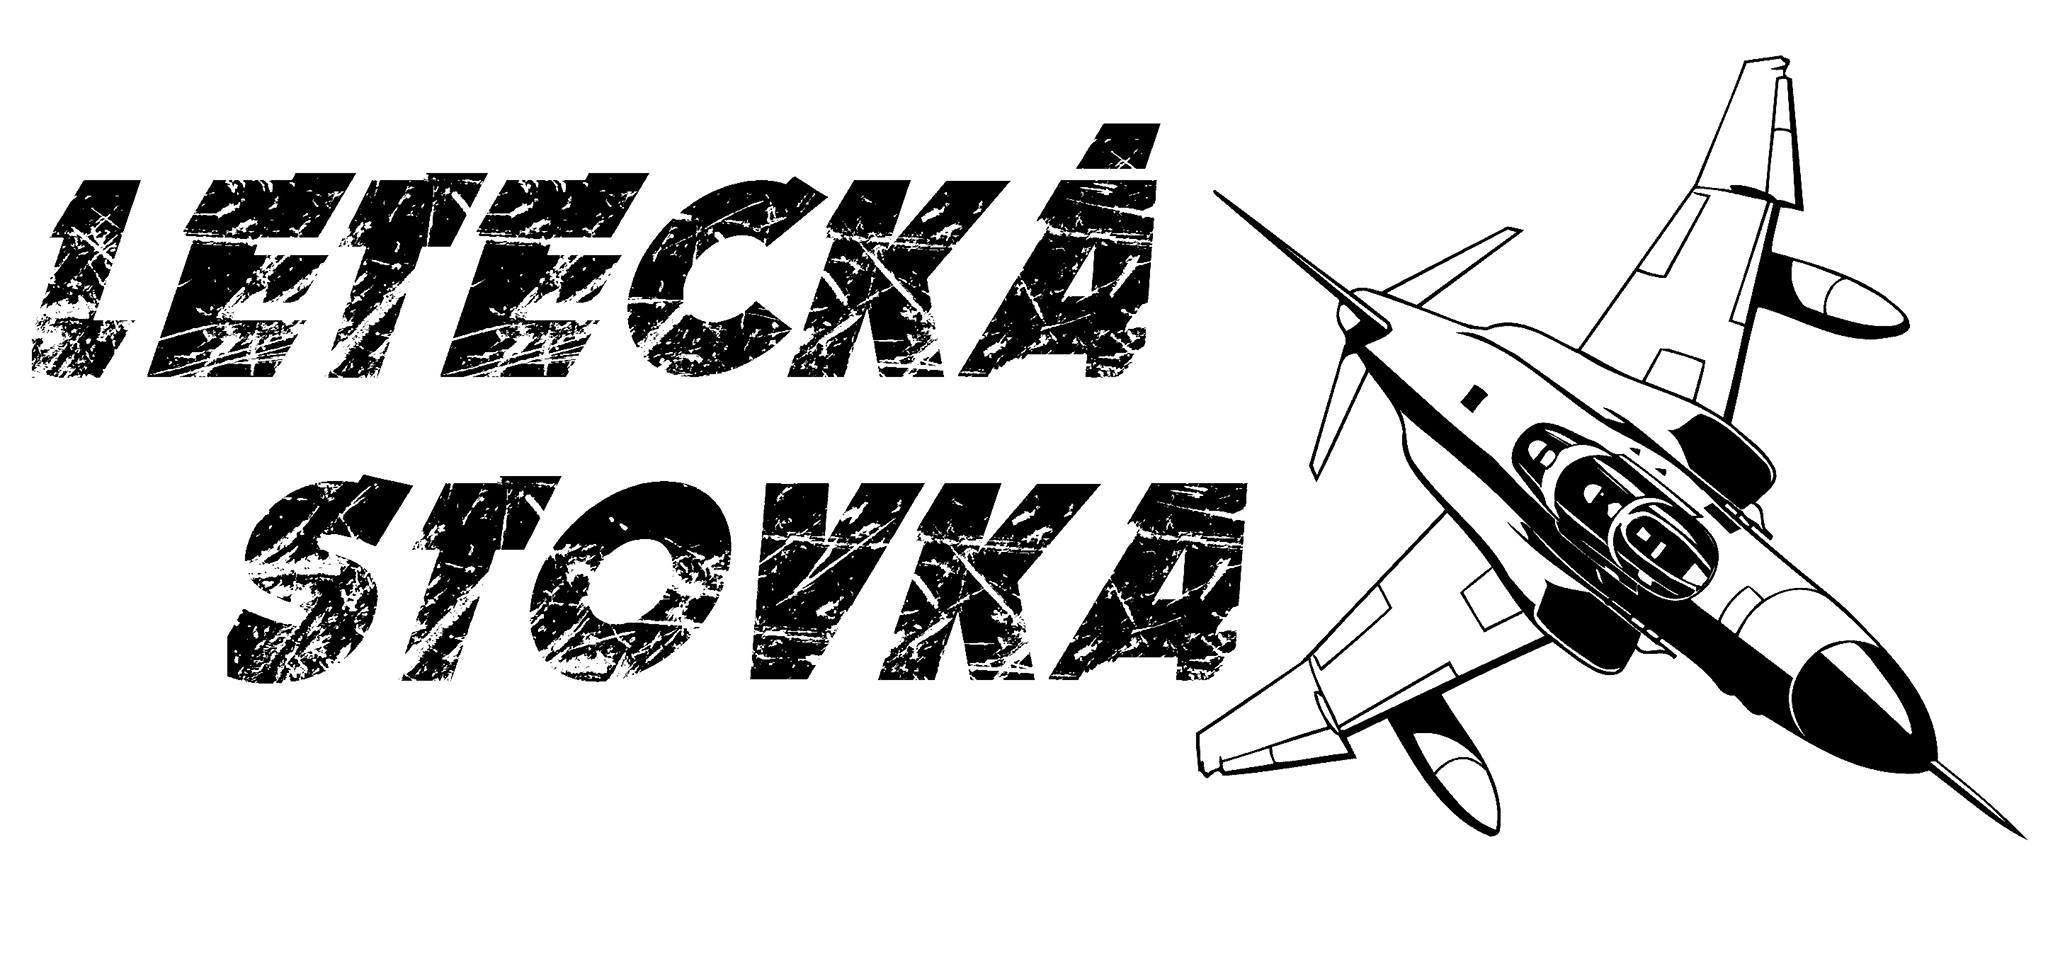 Expresky z hôr 96 - Letecká stovka 2018, Registrácia. zdroj: letecka-stvoka.webnode.sk